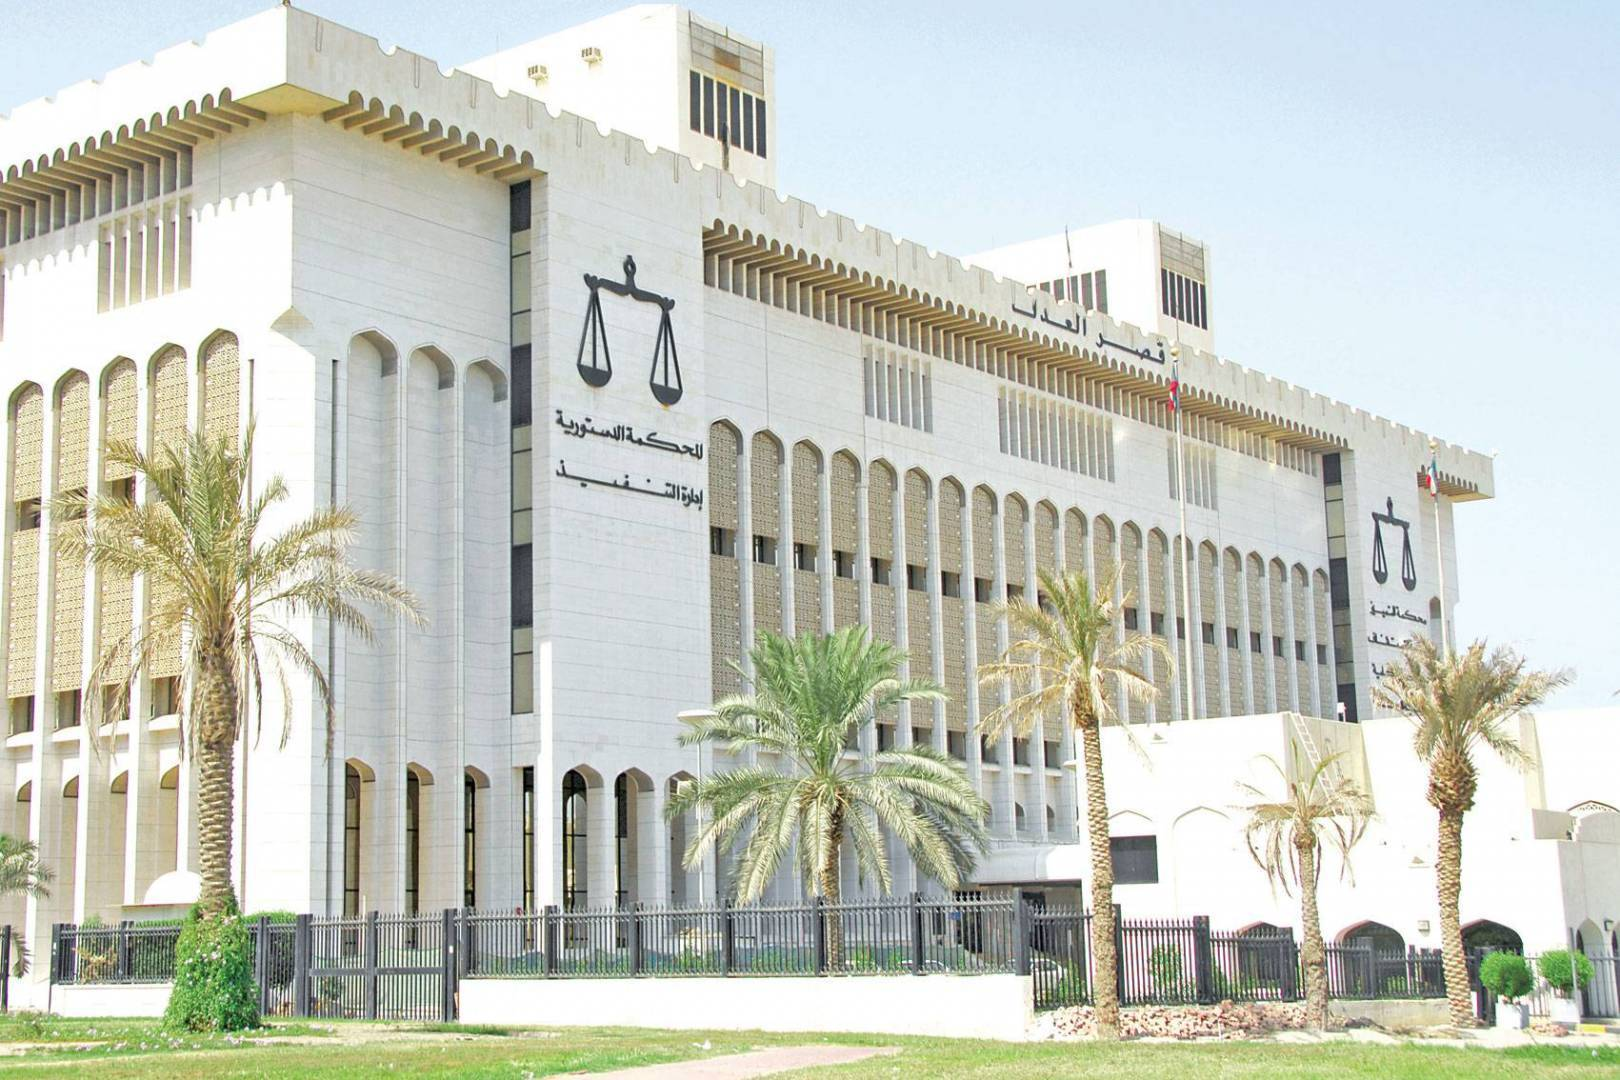 حبس المواطن المتهم بضرب المصري وحيد 4 سنوات